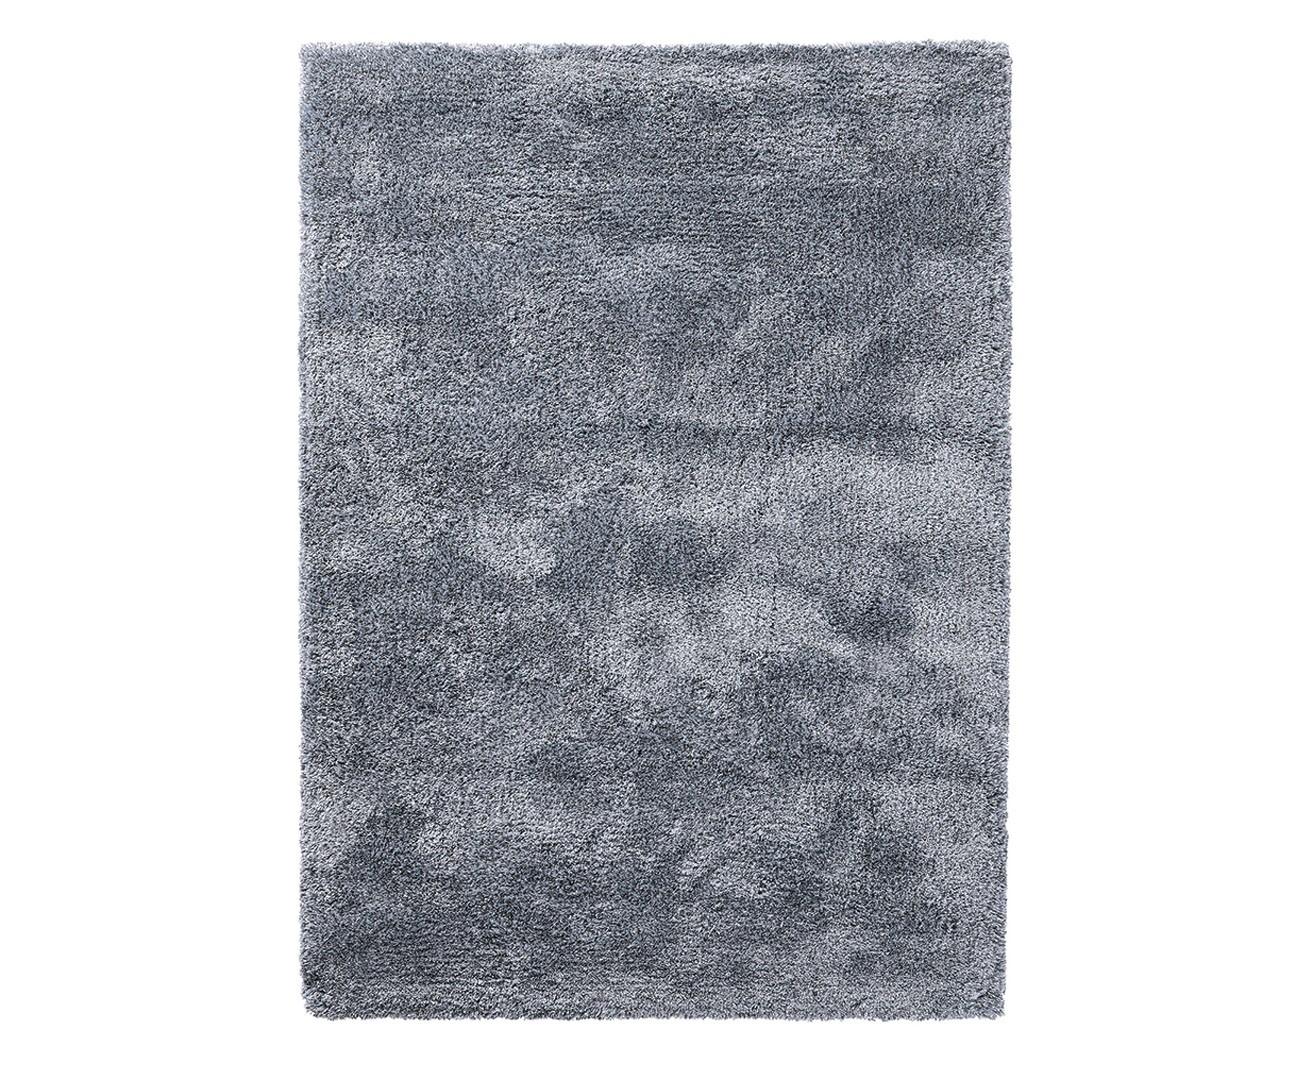 Tapis shaggy en polyester et laine gris Wool Glamour par Esprit Home